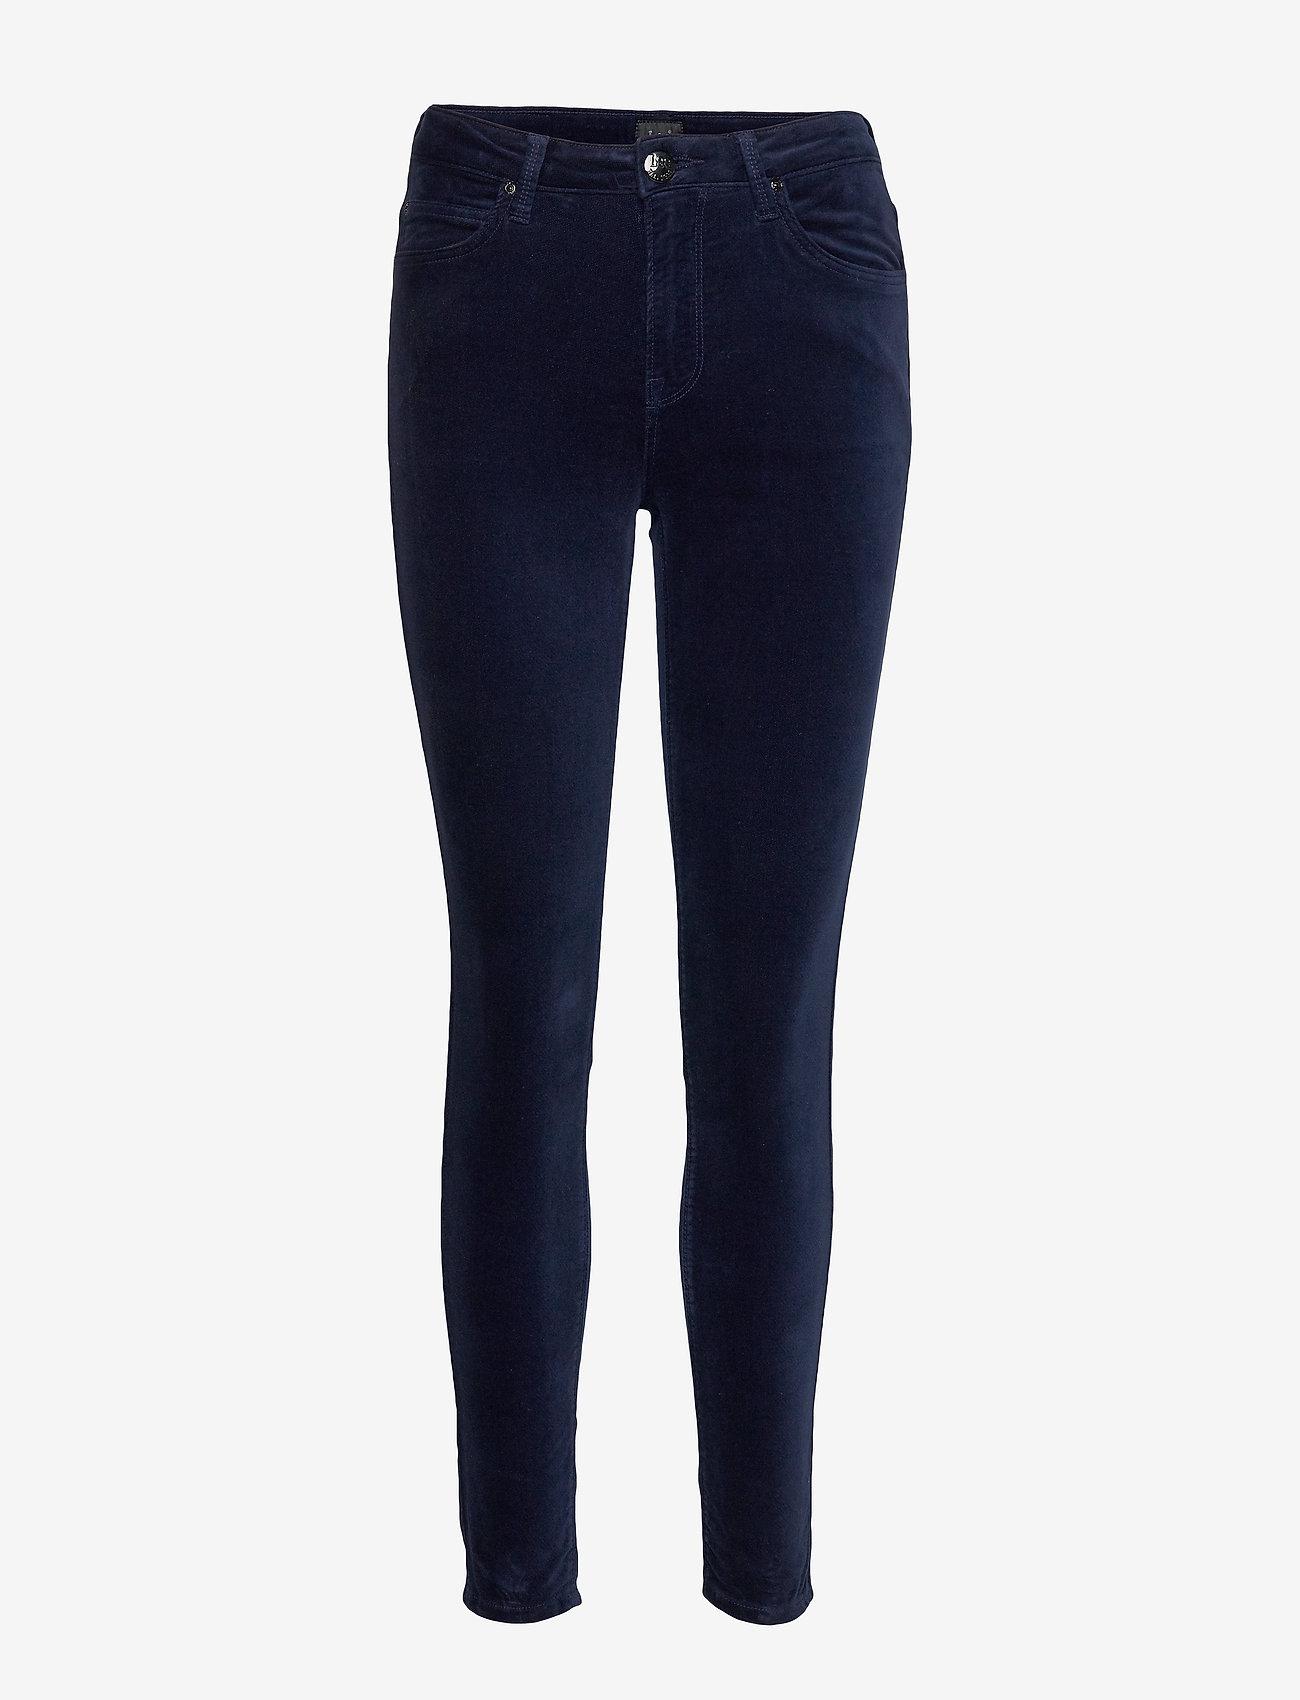 Lee Jeans - SCARLETT HIGH - smale busker - midnight velvet - 0